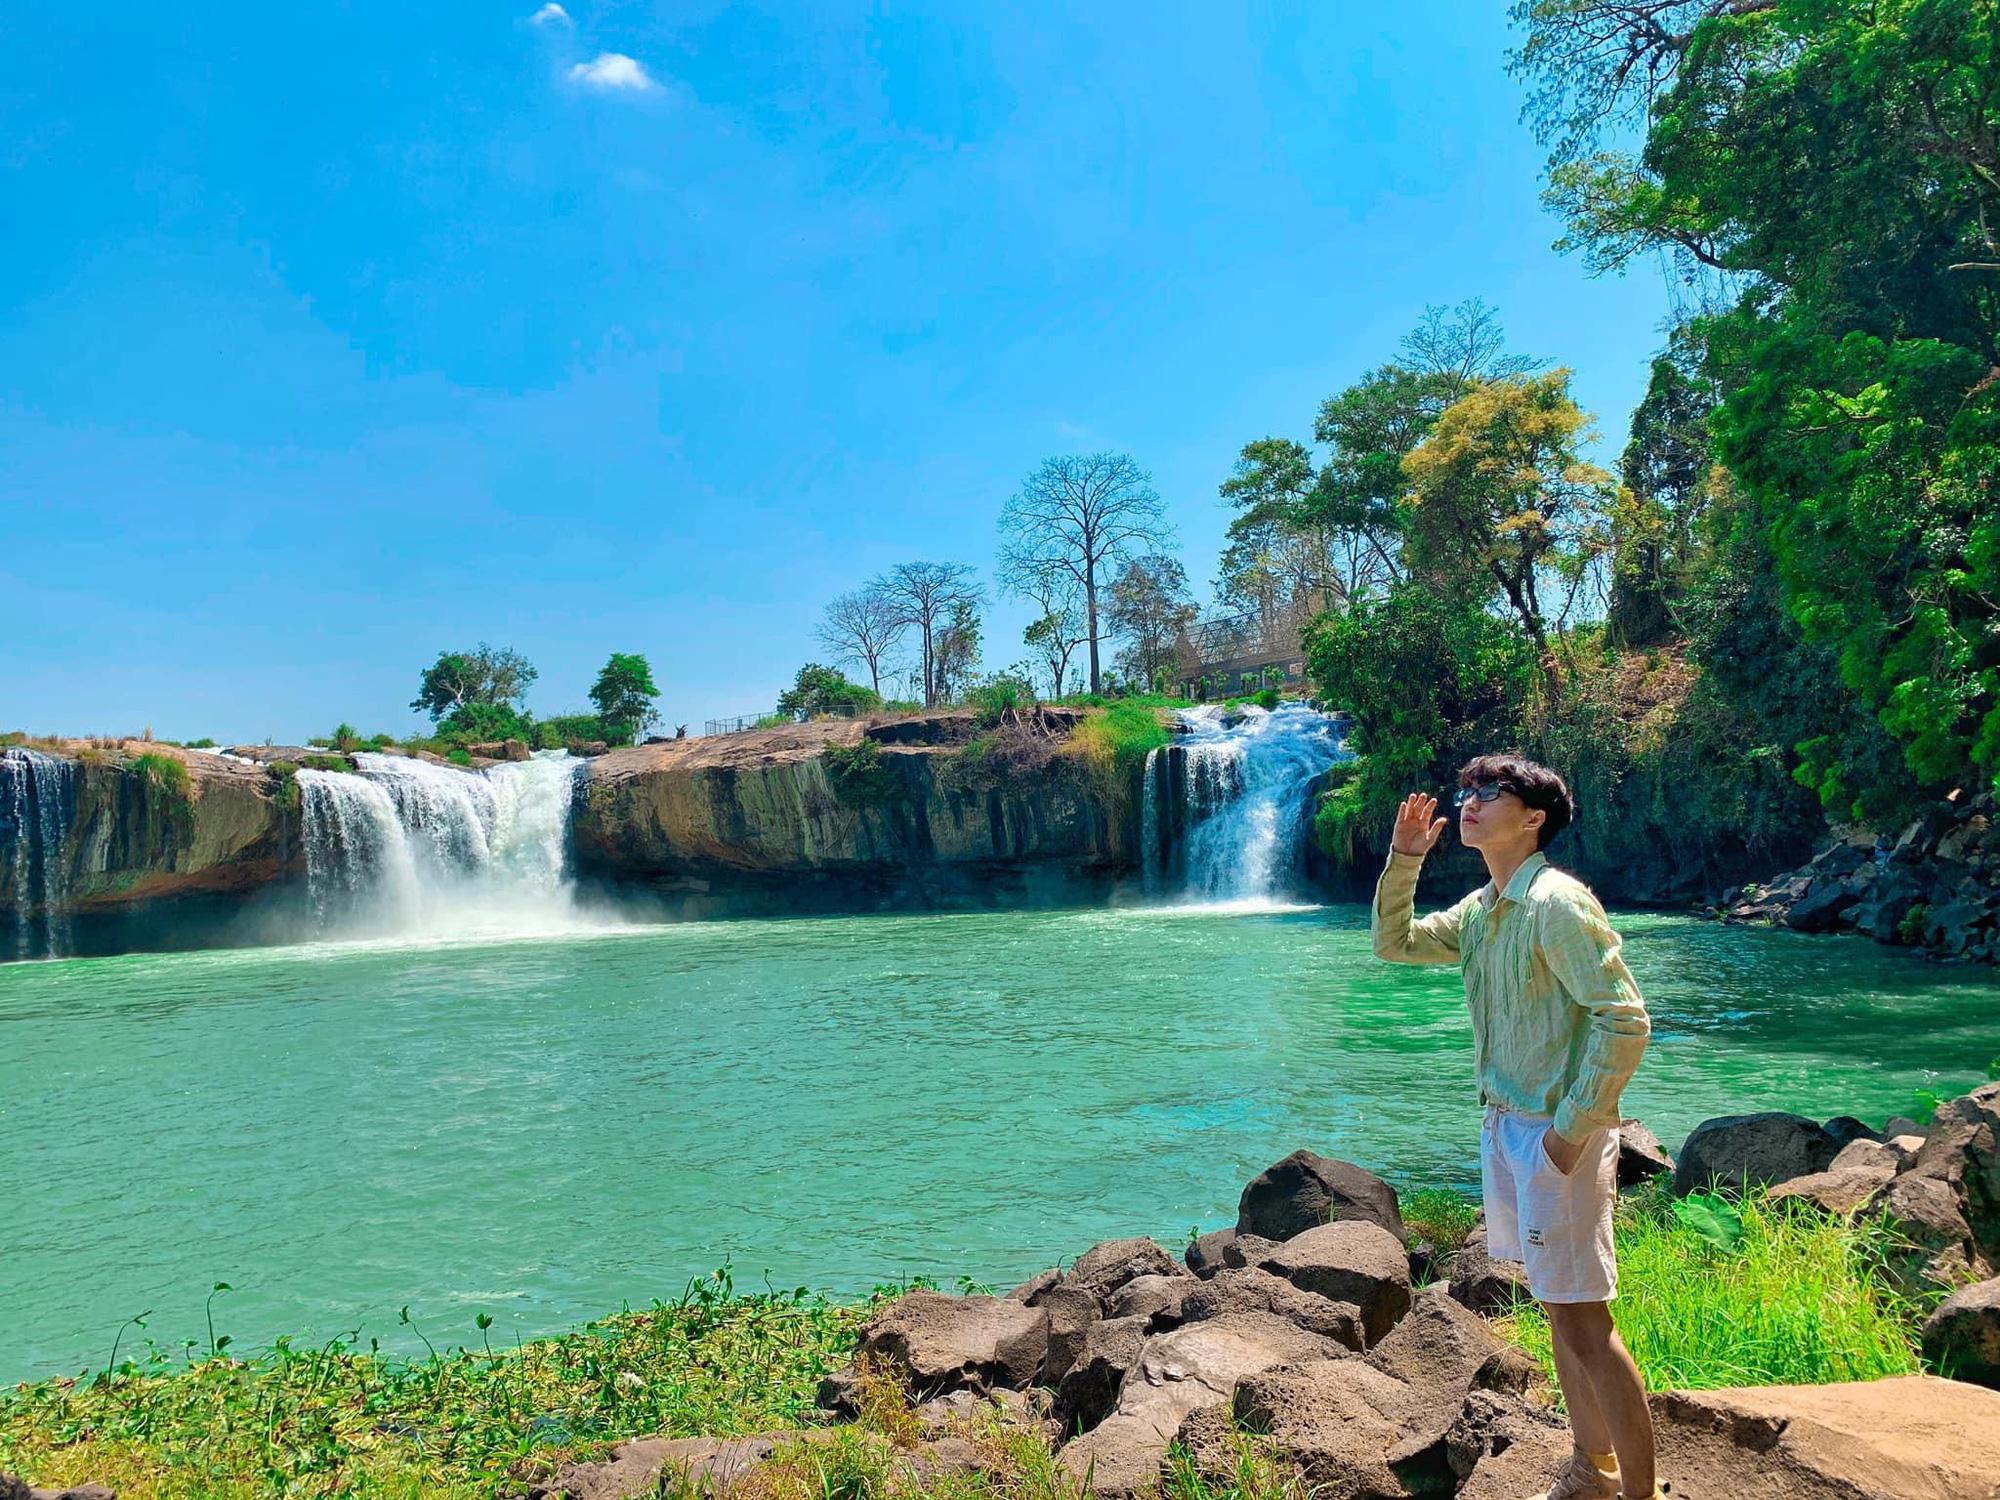 """Cây si cổ thụ có bộ rễ """"khủng"""" hút du khách tới chụp ảnh ở Đắk Lắk - Ảnh 5."""